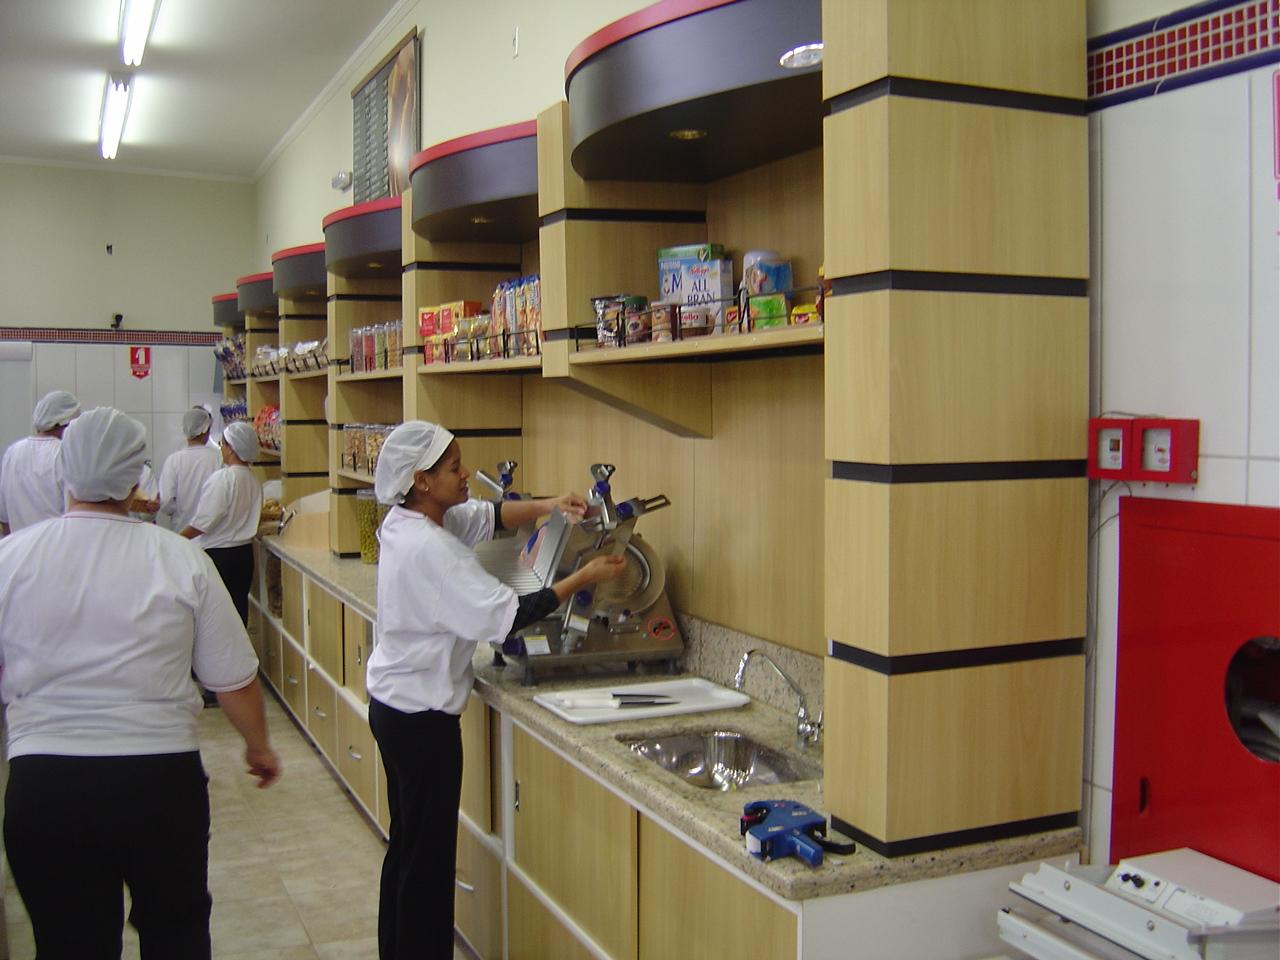 #722A20 Acimaq Equipamentos Ind. e Com. Ltda. Gestão Refrigeração: Art  1280x960 px Projetos Cozinhas Industriais #73 imagens